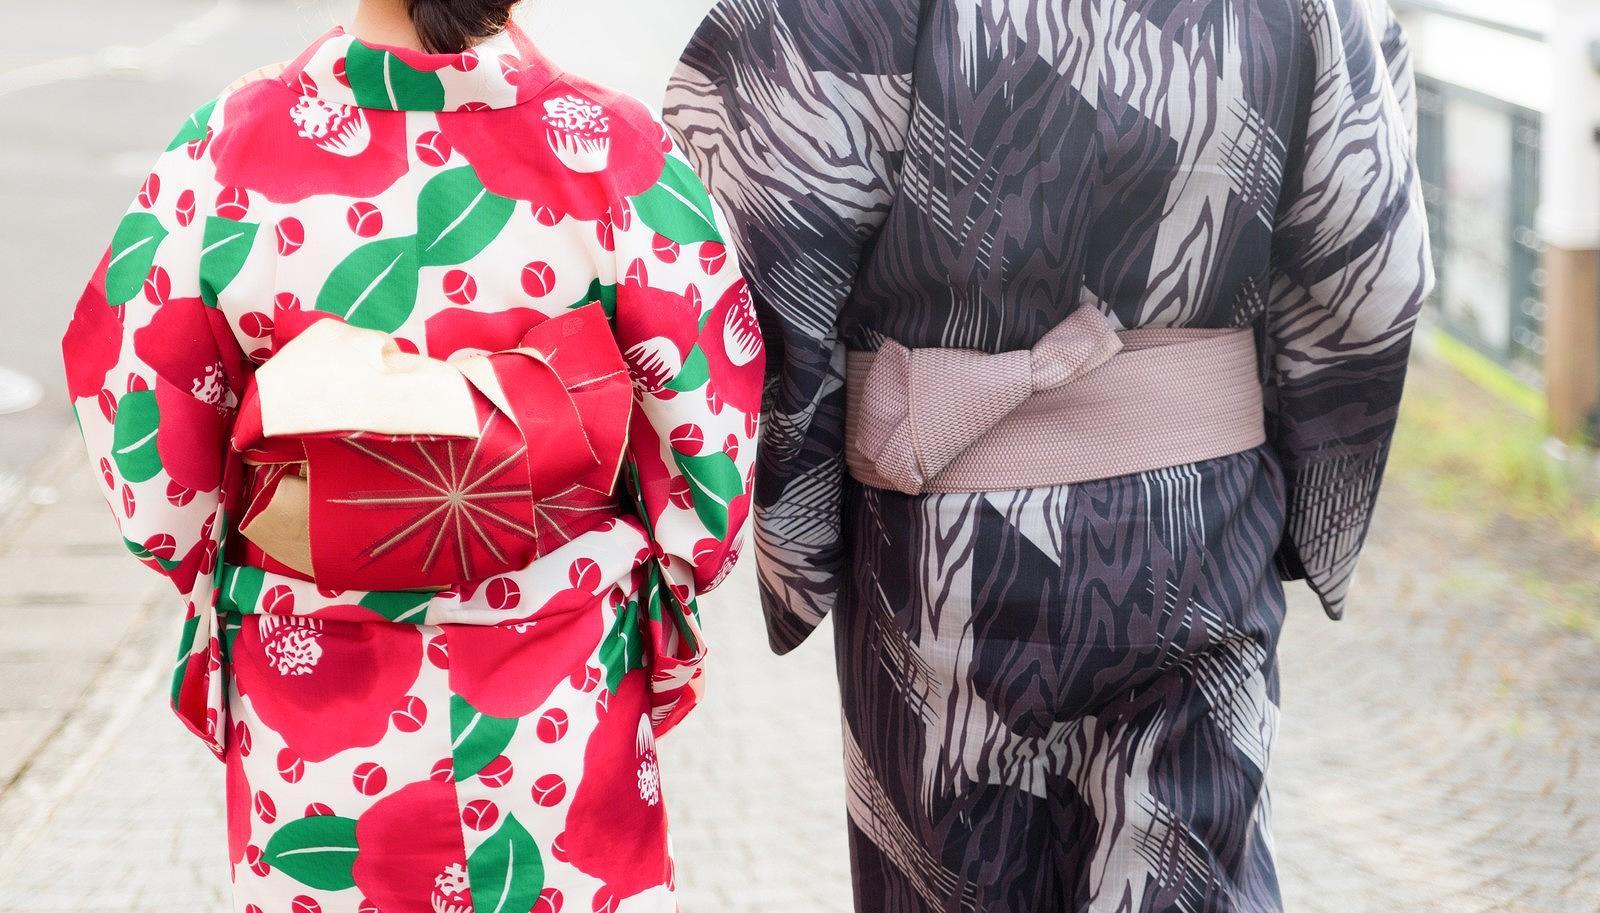 明石公園で8月25日(土)「明石公園納涼フェスティバル」が開催されるよ! #明石公園納涼フェスティバル #夏祭り #明石市 #明石公園